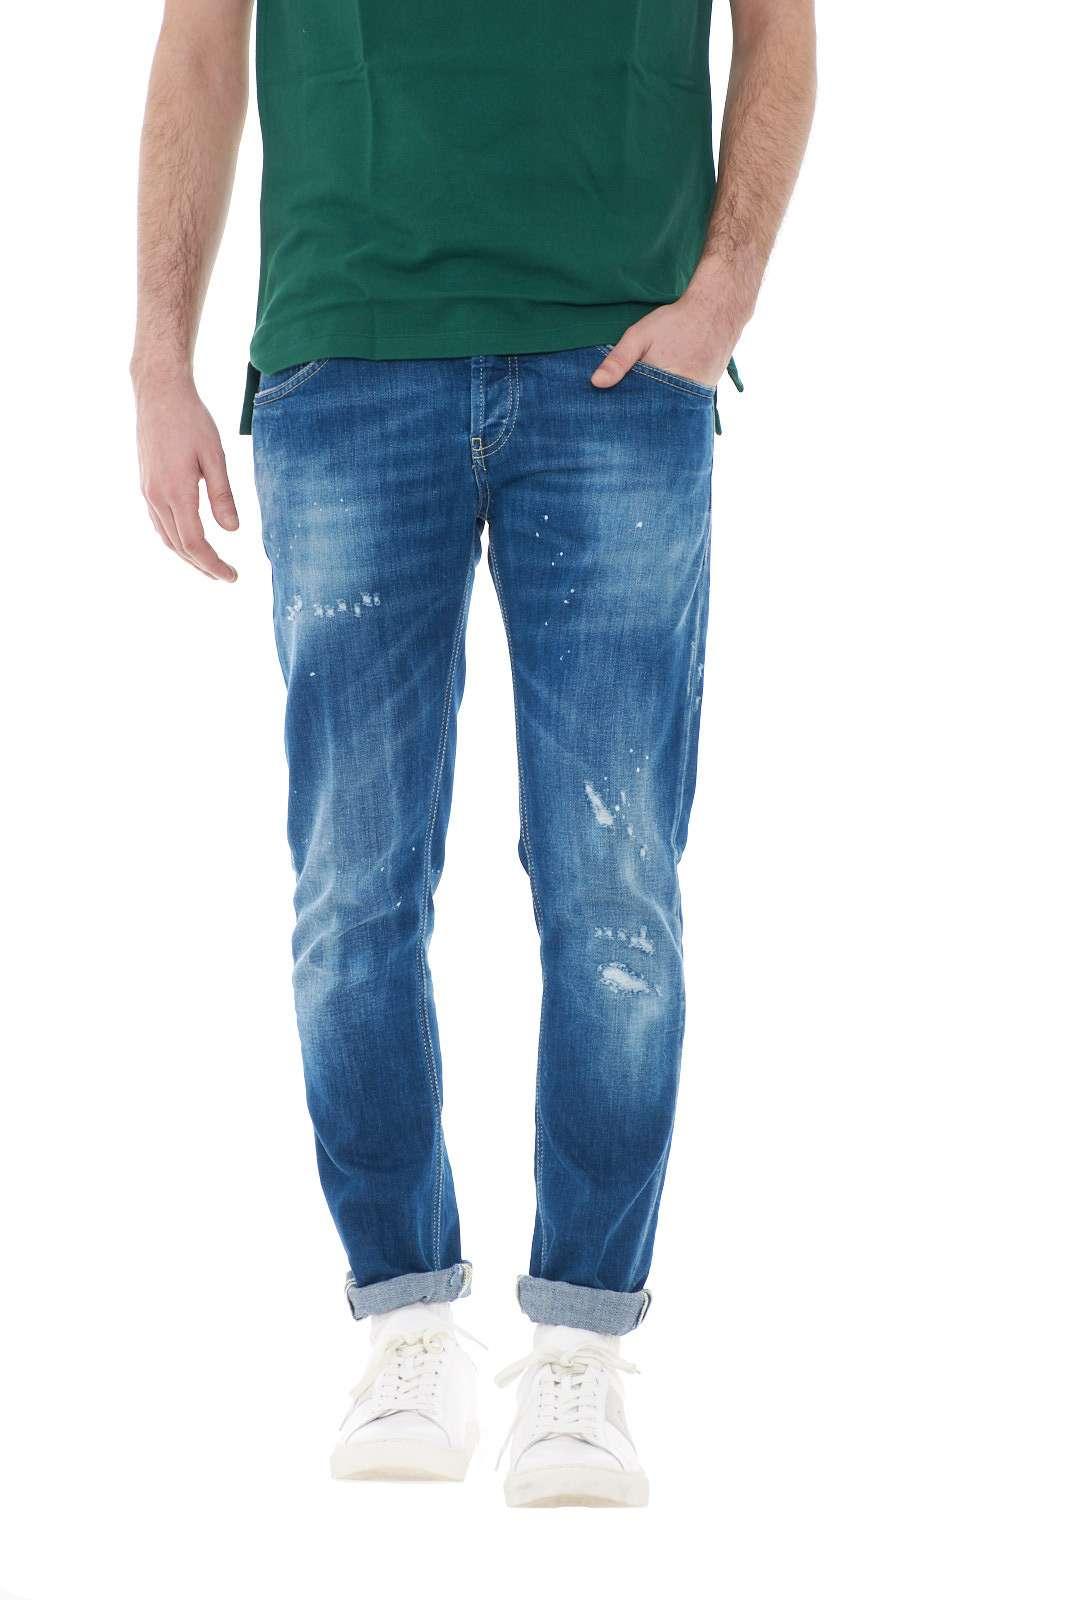 Un jeans dal tocco glamour quello proposto dalla collezione uomo Dondup.  Il modello Mius con effetto used conquista con il suo tocco casual caratterizzato da lievi strappi u un effetto schizzi di vernice.  Un essential della moda uomo per i caratteri più trendy.